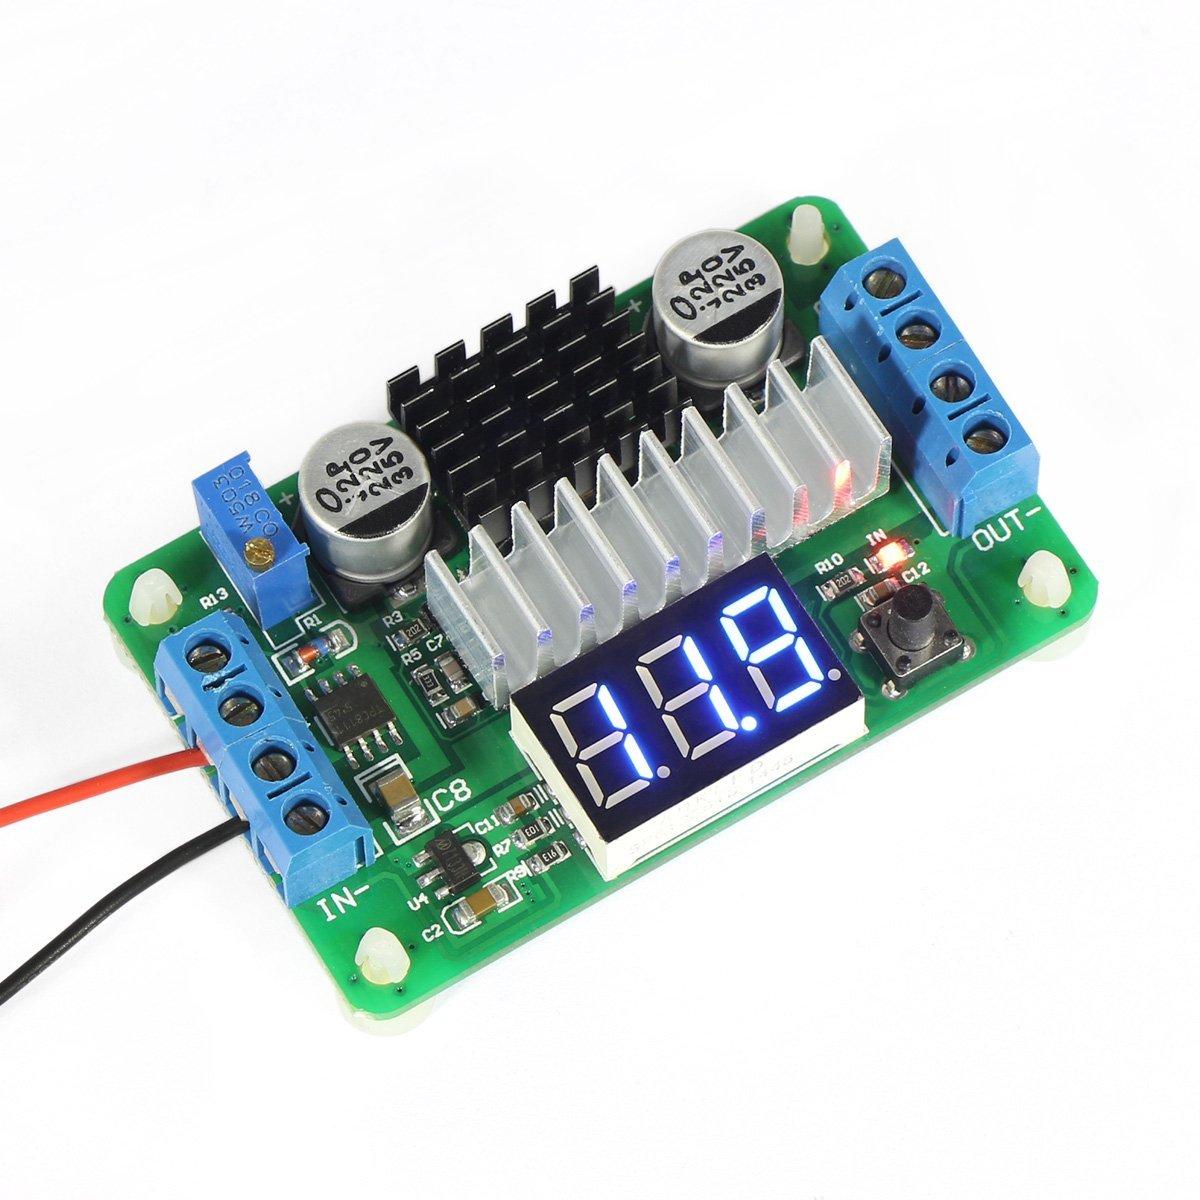 3.5V-30V DC Boost Converter Power Transformer Voltage Regulator 5V/12V Step Up Volt Module Board for Car Motorcycle Automotive